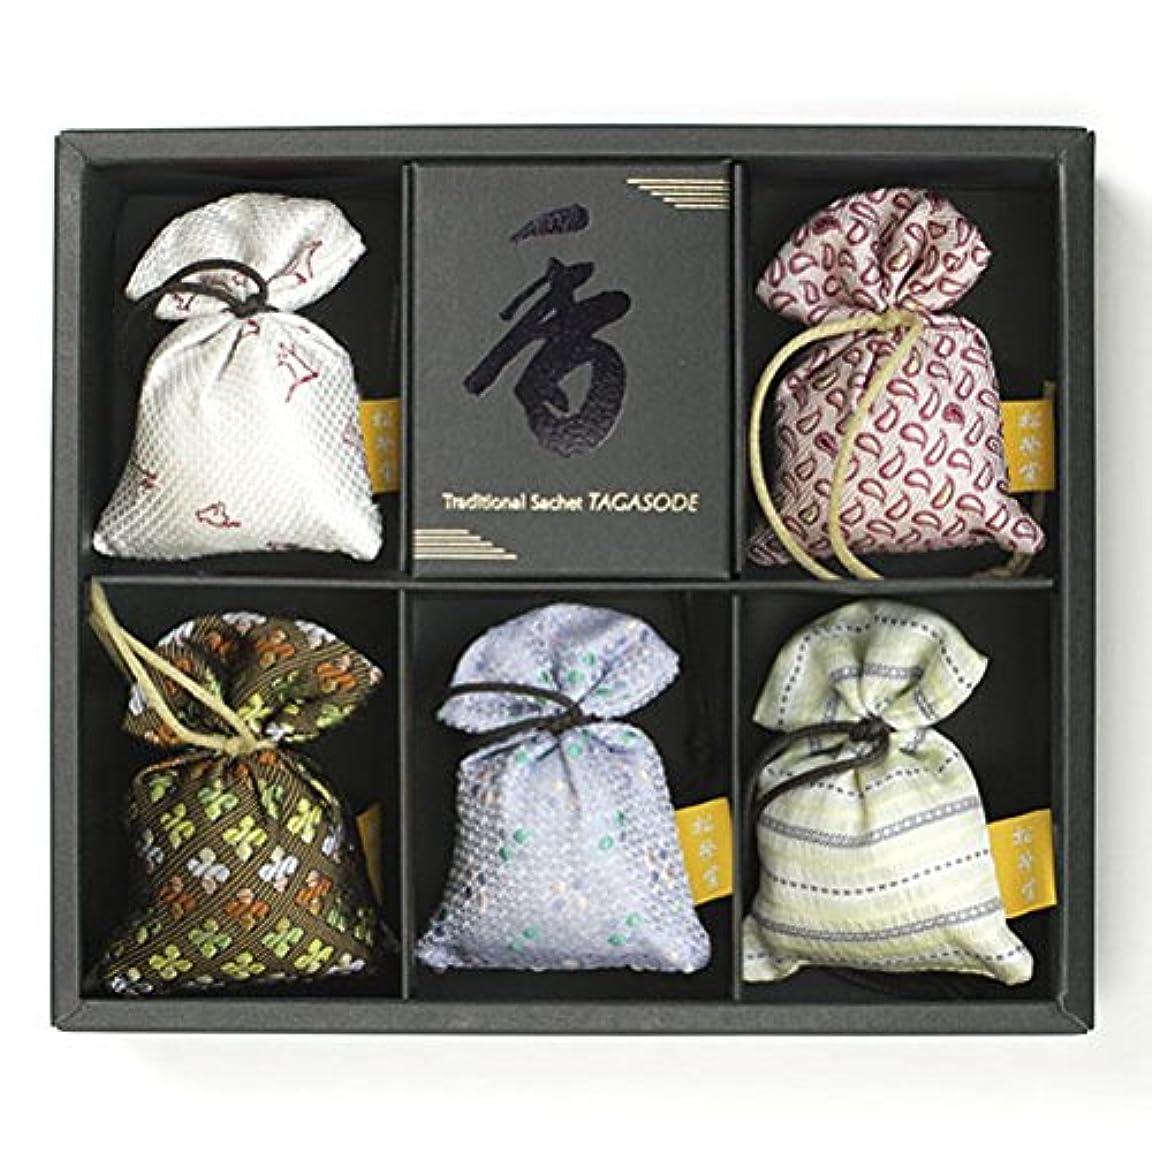 塩辛い噴水家禽匂い袋 誰が袖 薫 かおる 5個入 松栄堂 Shoyeido 本体長さ60mm